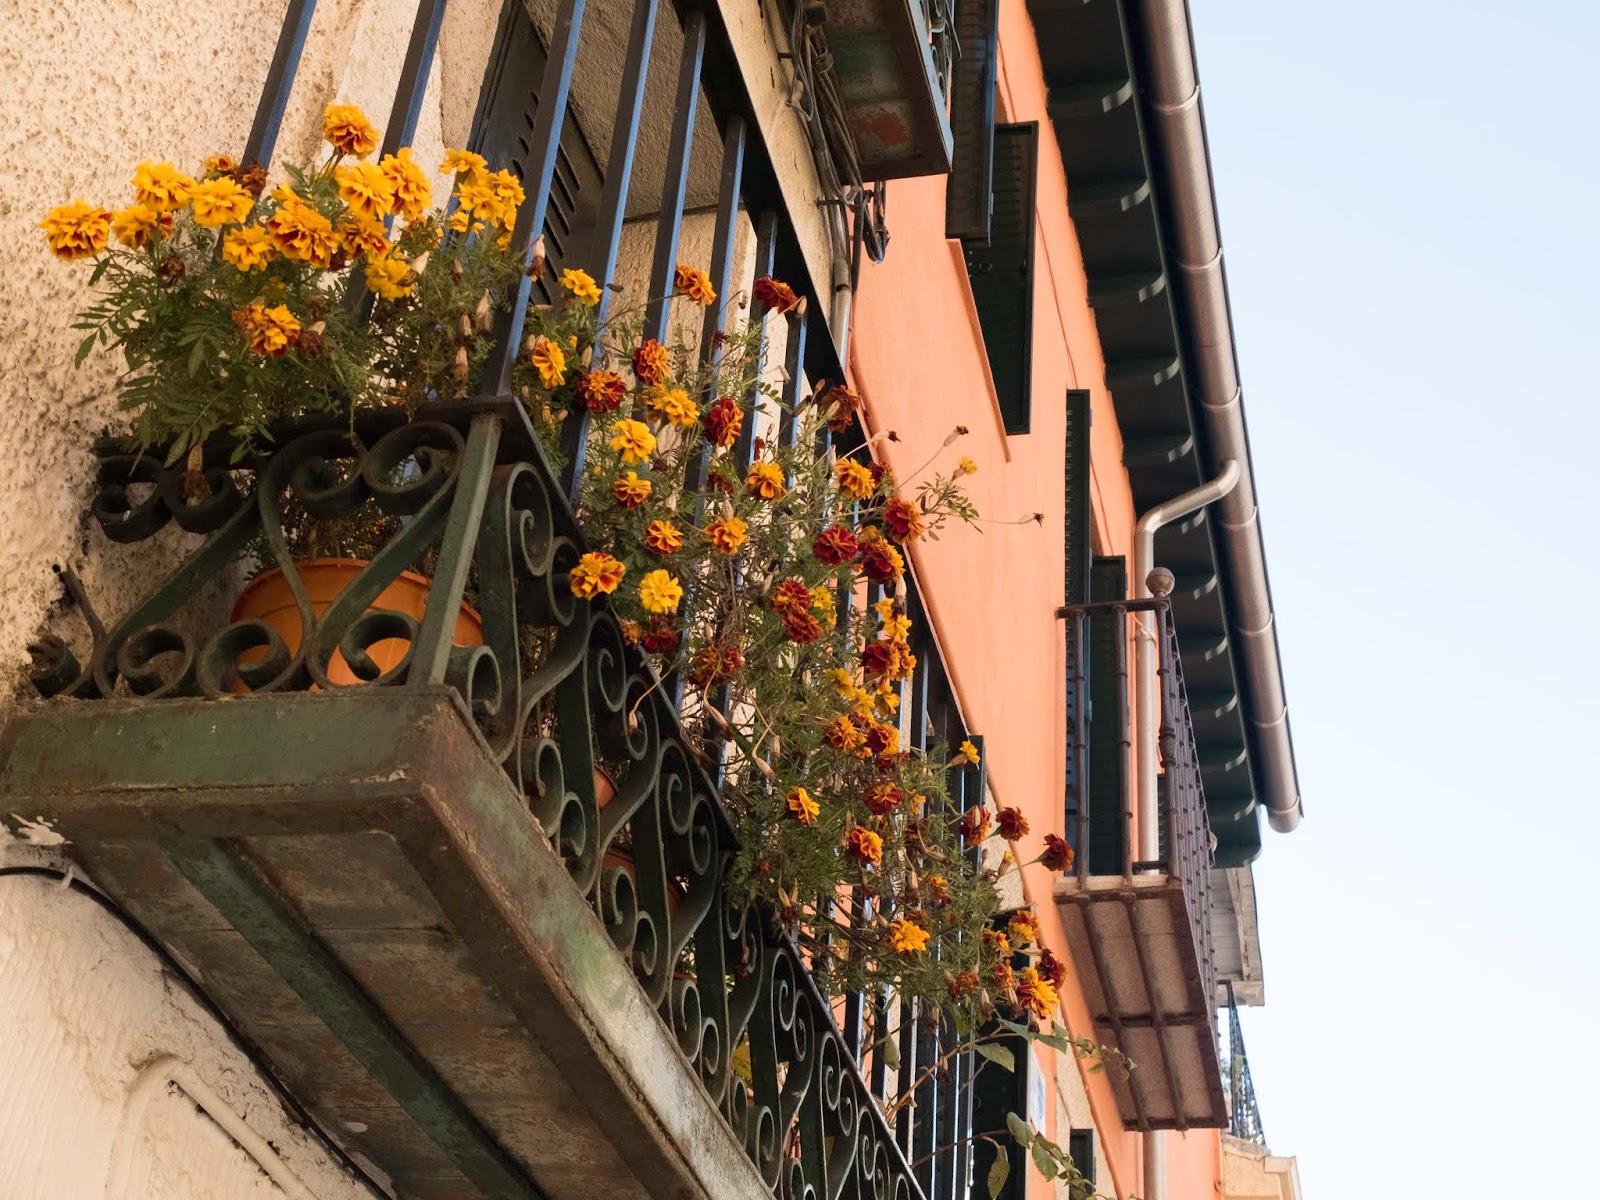 Balcón con Flores en Madrid, 2016